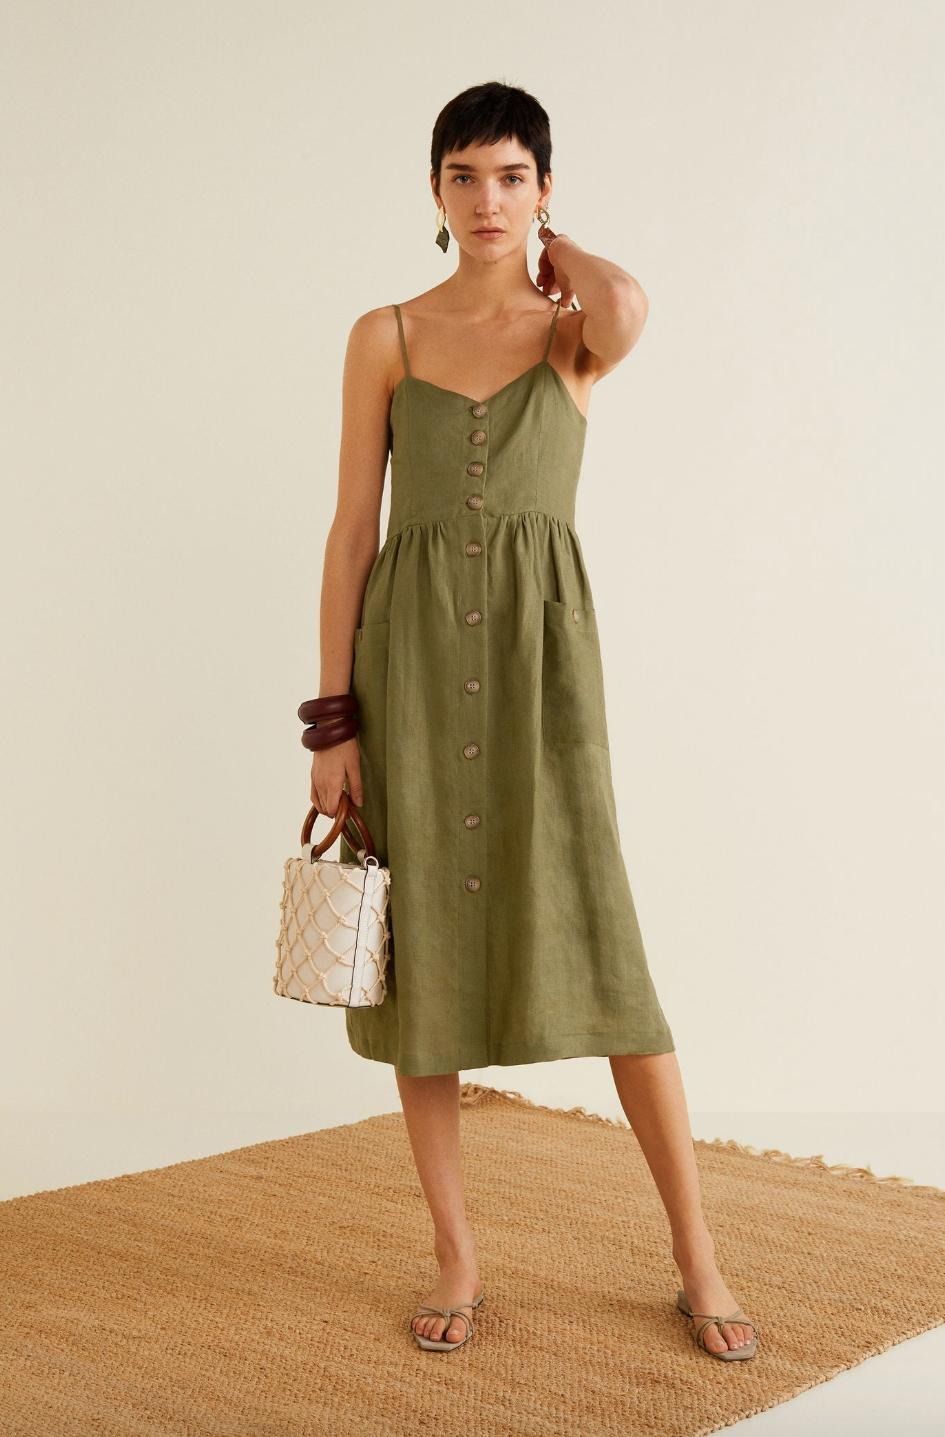 Paula echevarria vestido verde mango